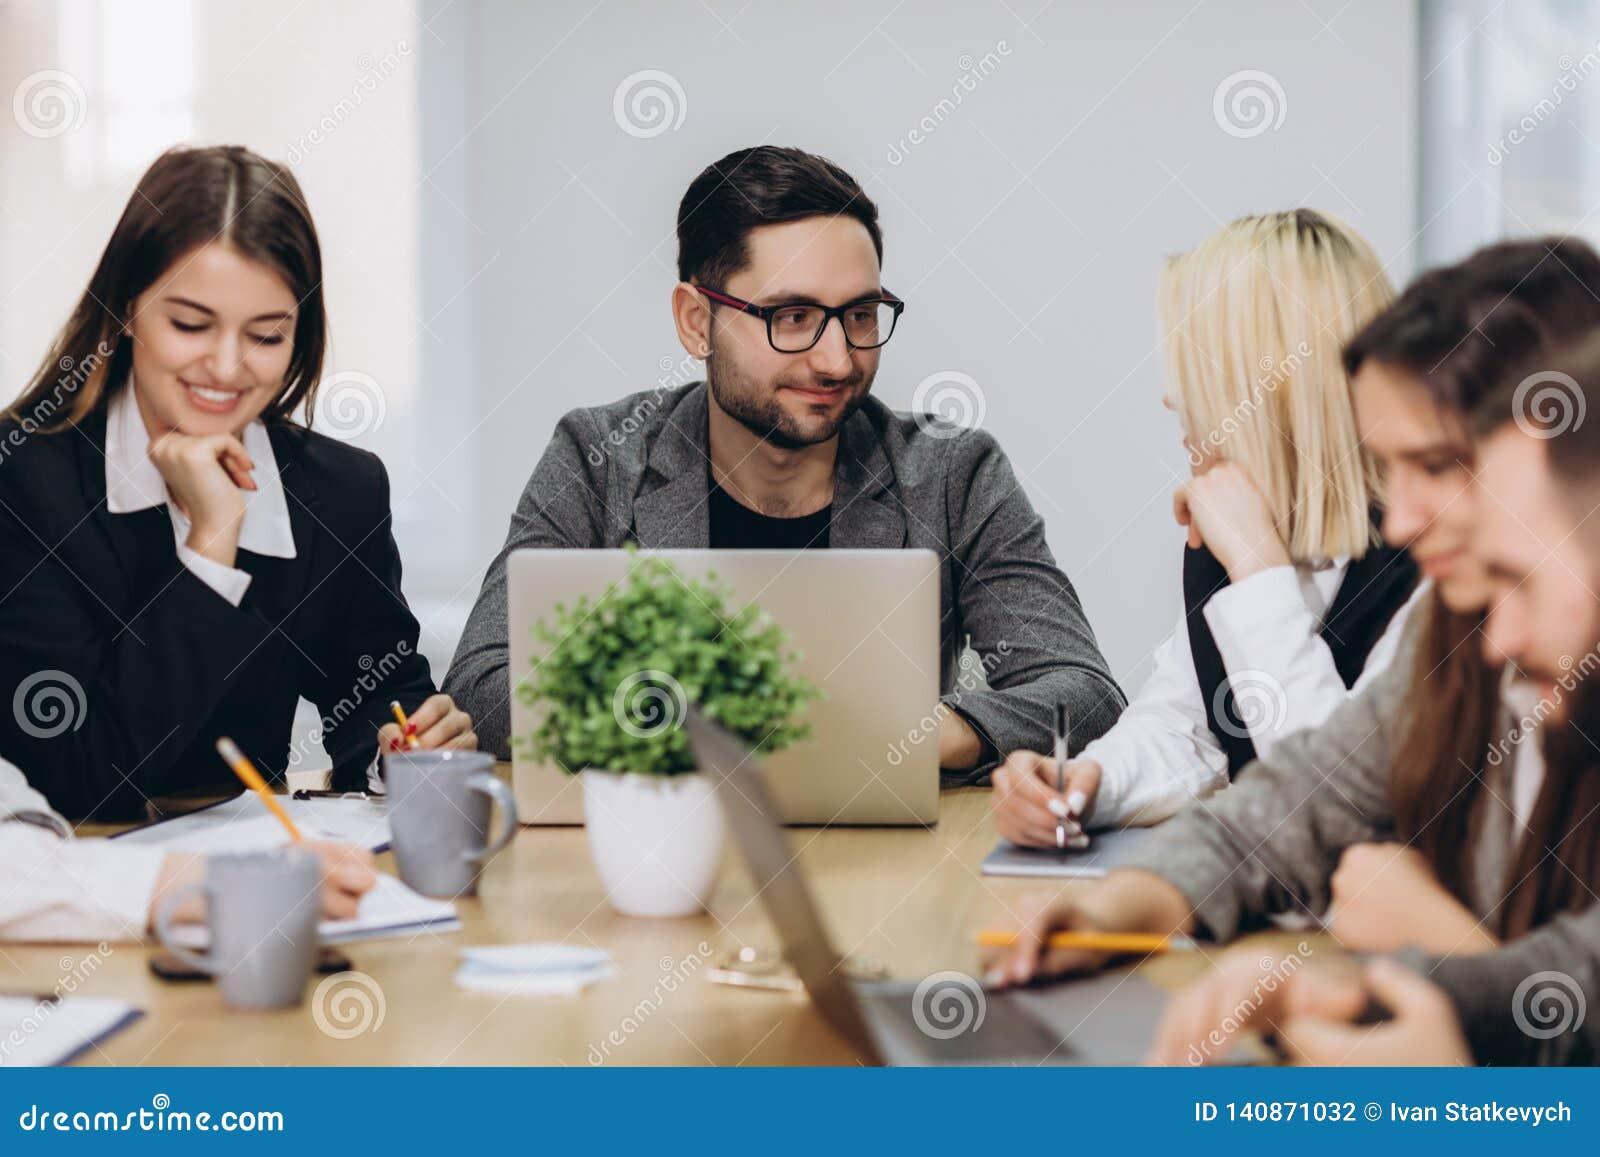 Professioneel Team Gelukkige creatieve jongeren die in team werken terwijl het zijn op het kantoor